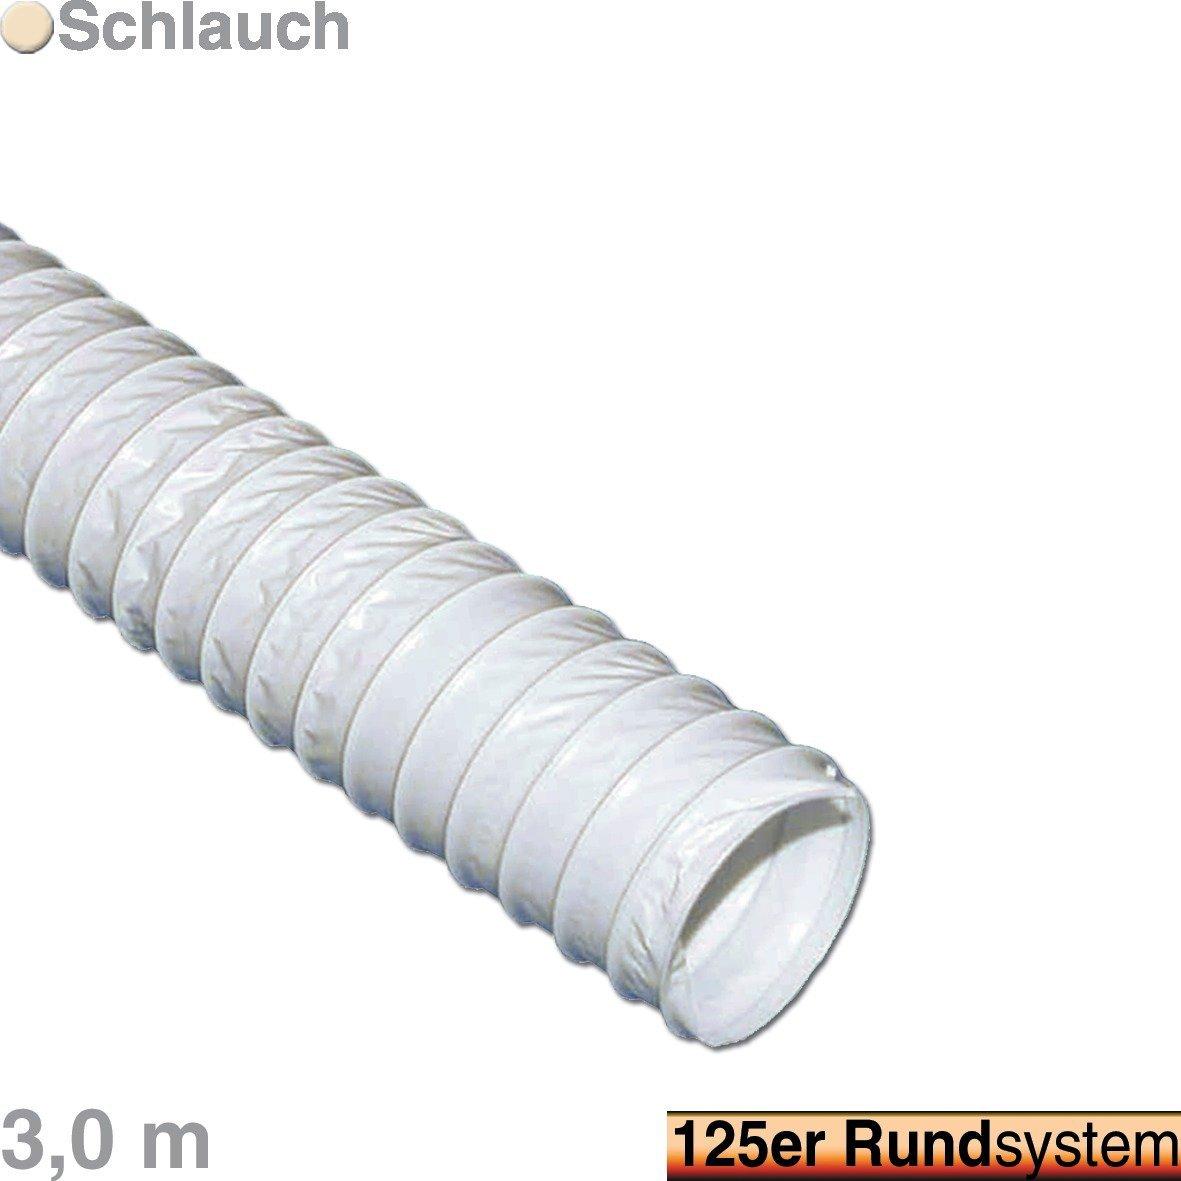 VIOKS 3m Abluft Haube Lufthaube Lüftung Aussenhaube Aussengitter Anschluss: 125mm Schlauch Länge: 3, 0 Meter für Dunstabzugshaube Klimagerät oder Trockner